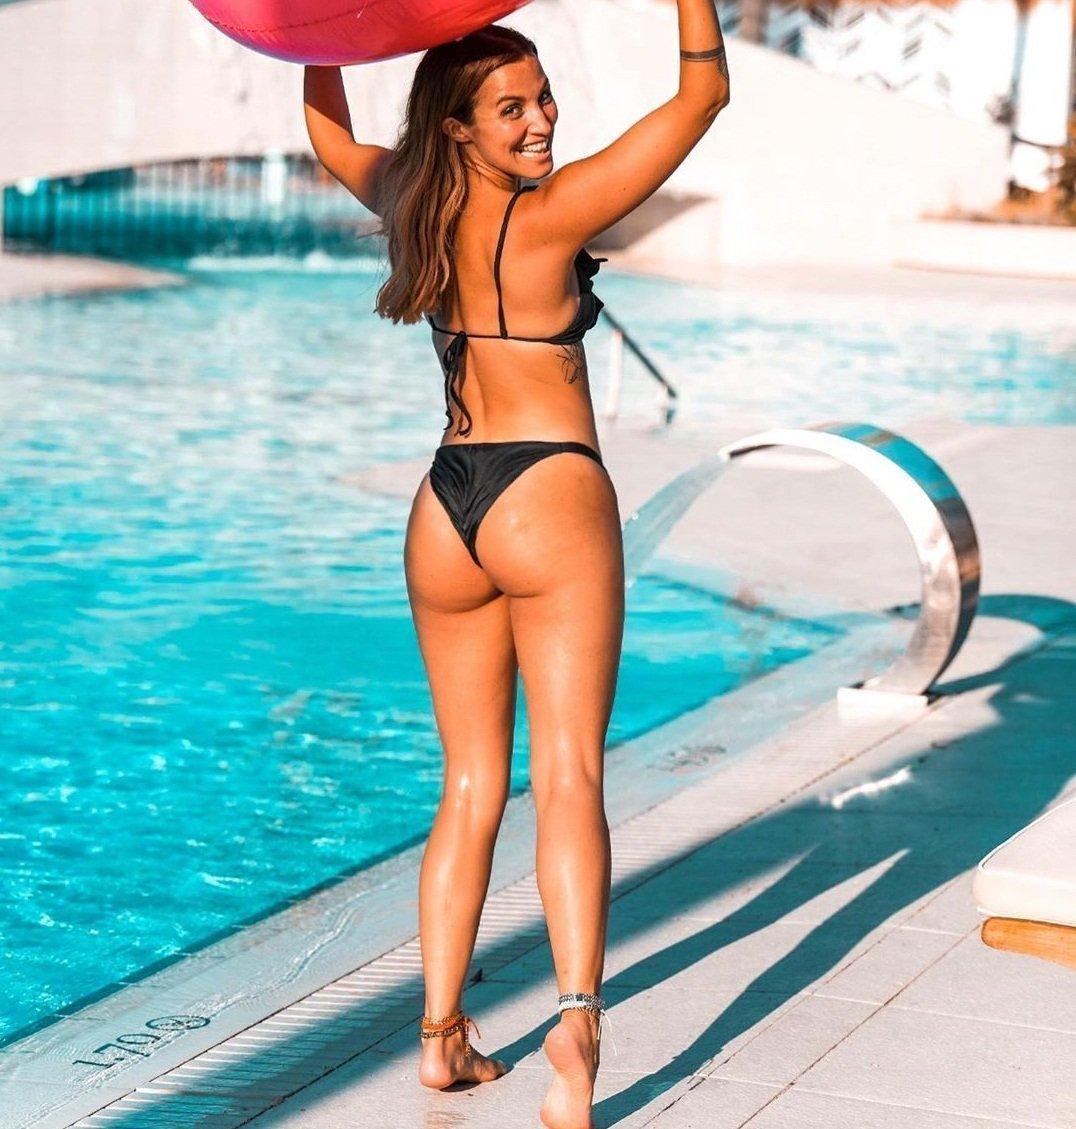 Κάλια Ελευθερίου: Μόλις δημοσίευσε την πιο σέξι φωτογραφία του καλοκαιριού  της!